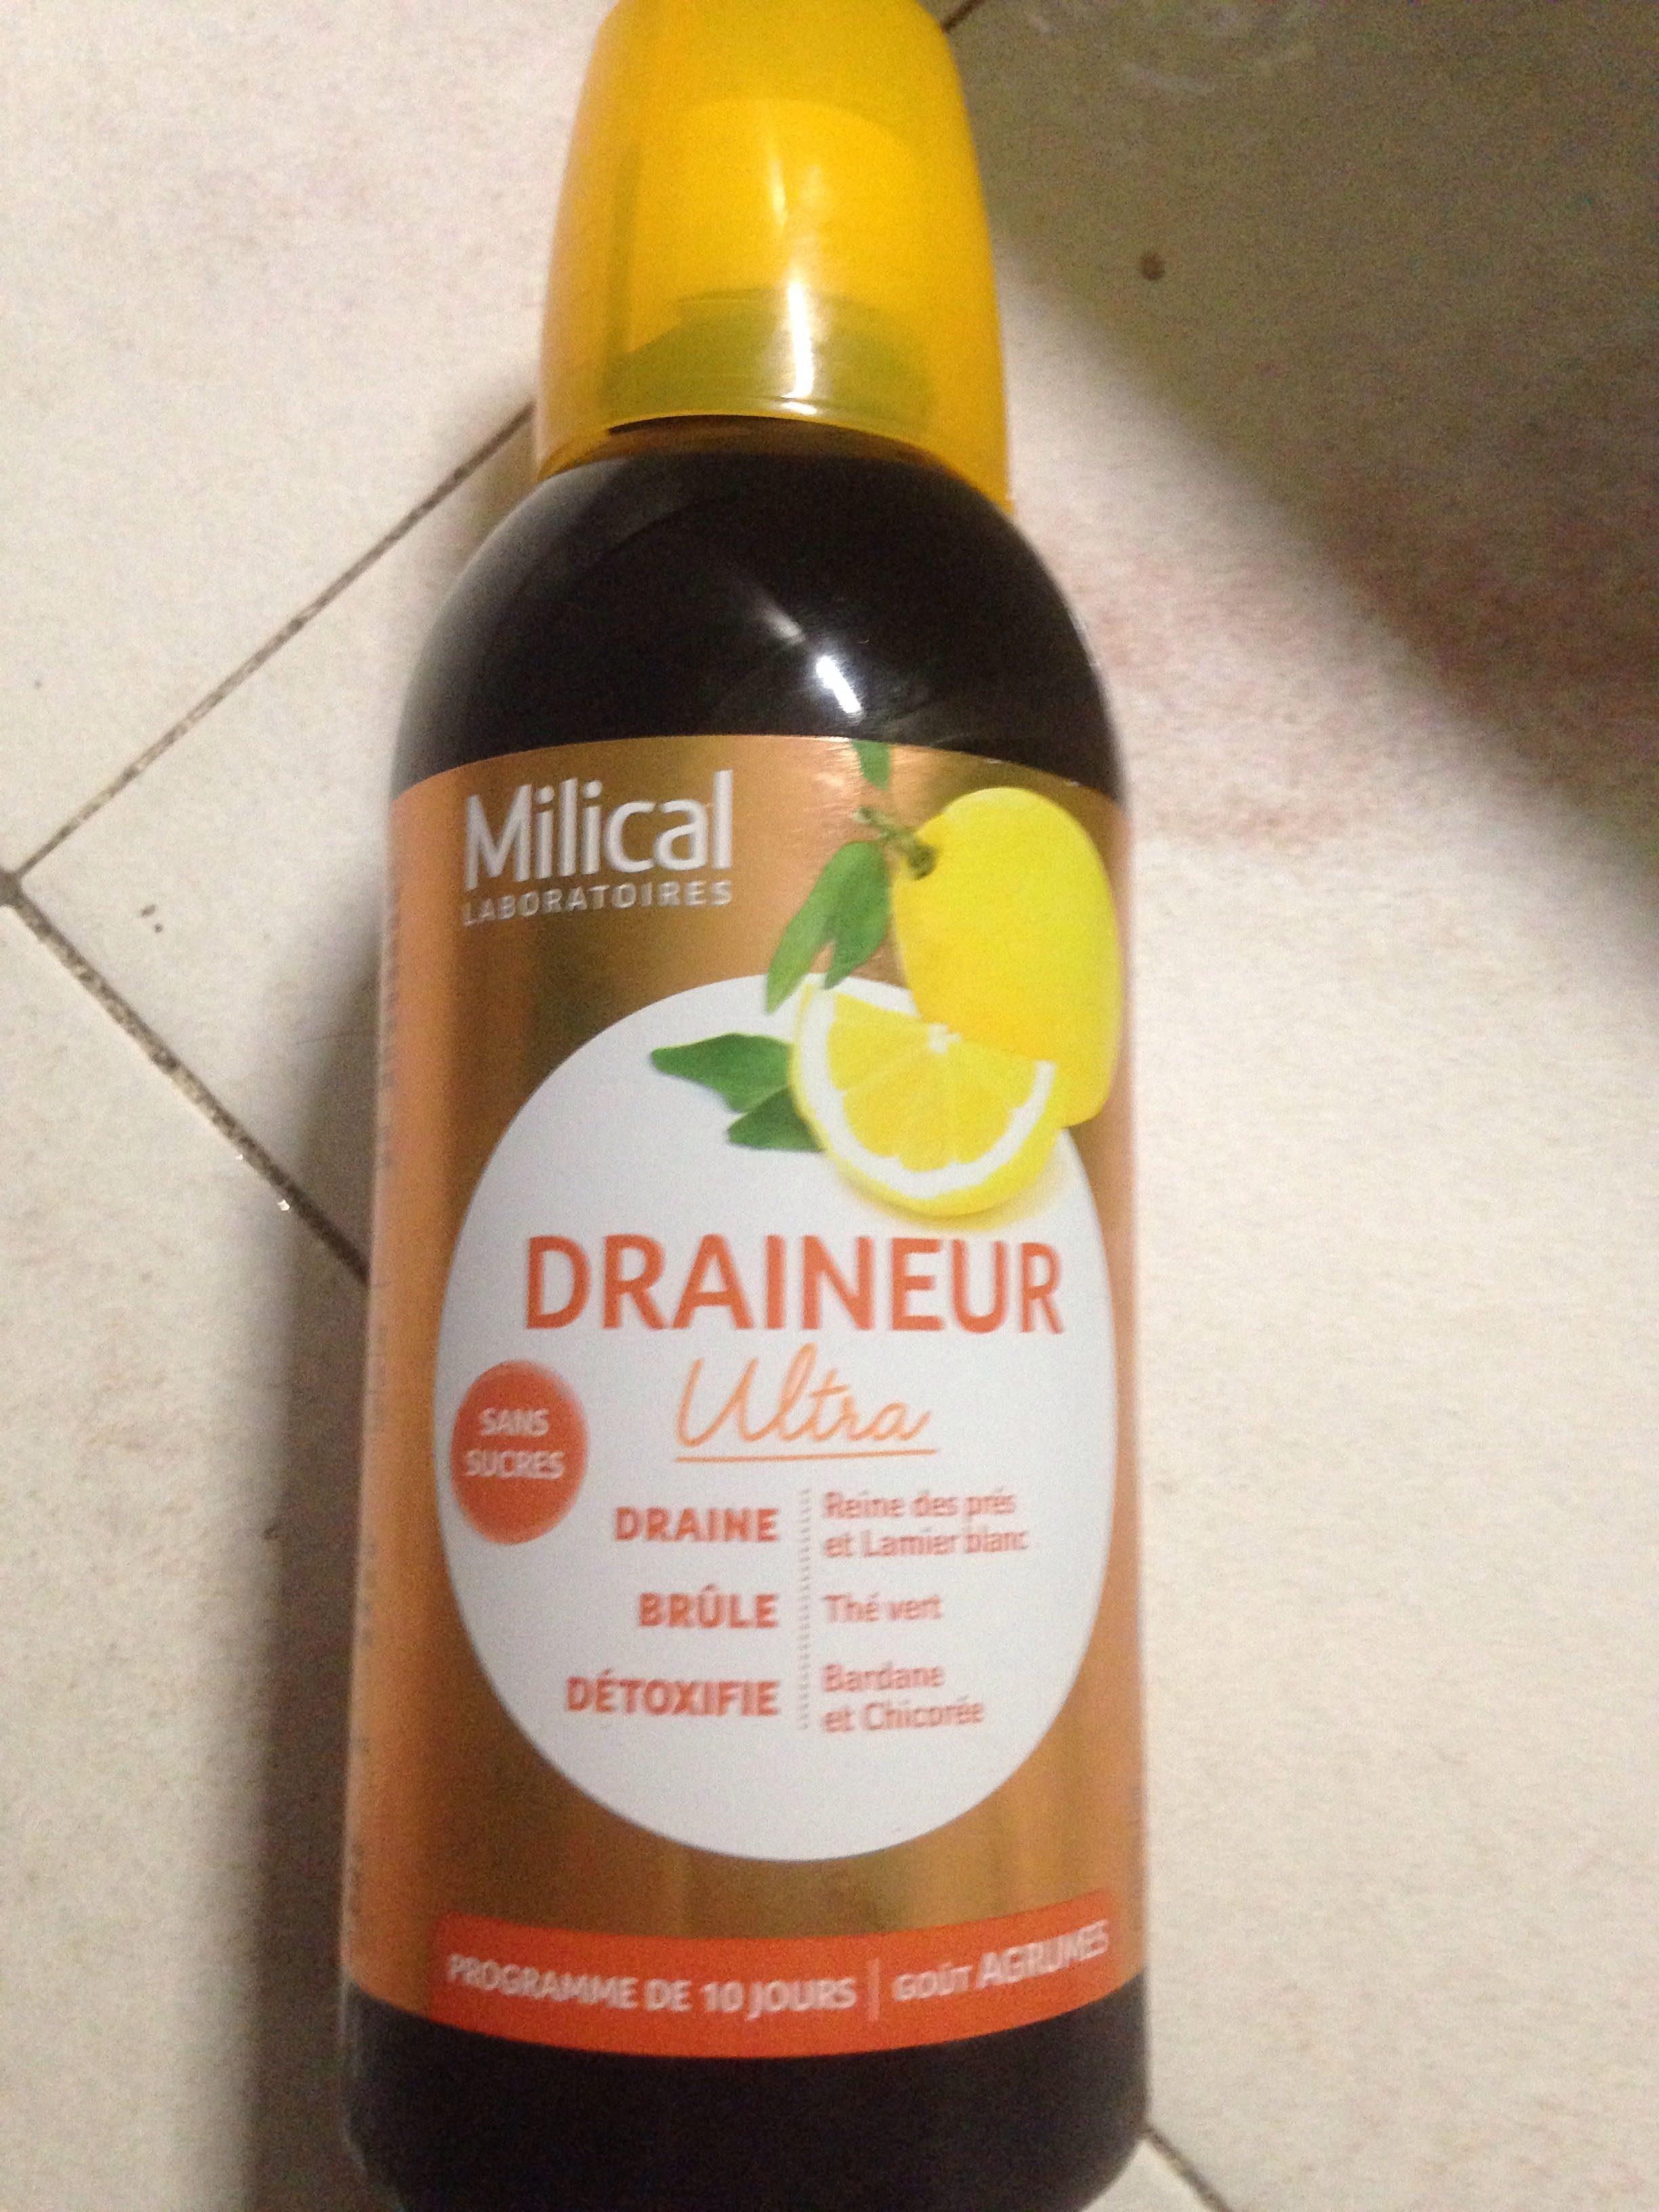 Draineur ultra - Milical - 500ml